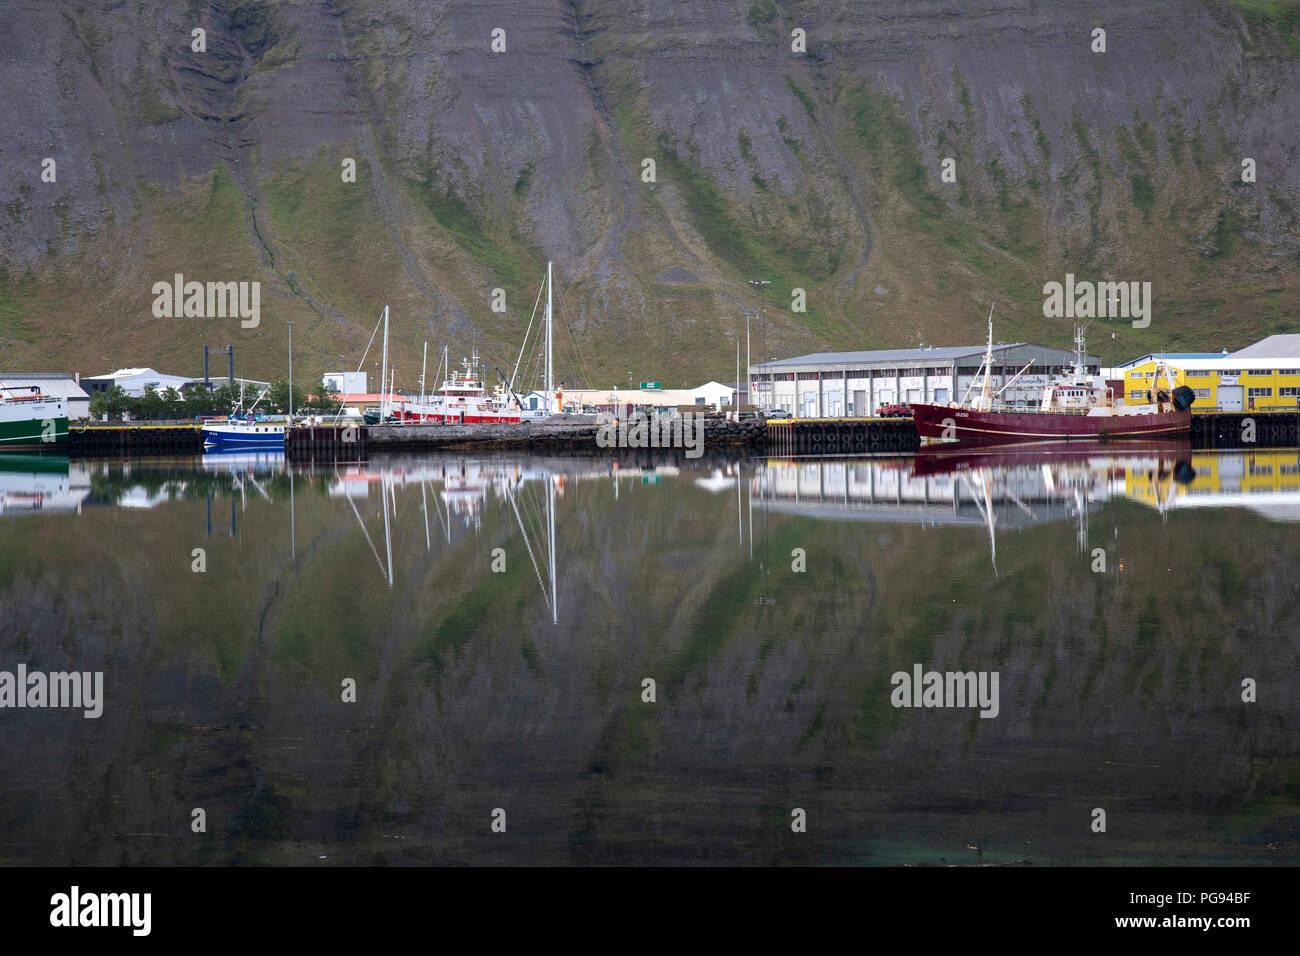 El reflejo en el agua en la ciudad de Isafjordur en los fiordos del oeste de Islandia. Foto de stock